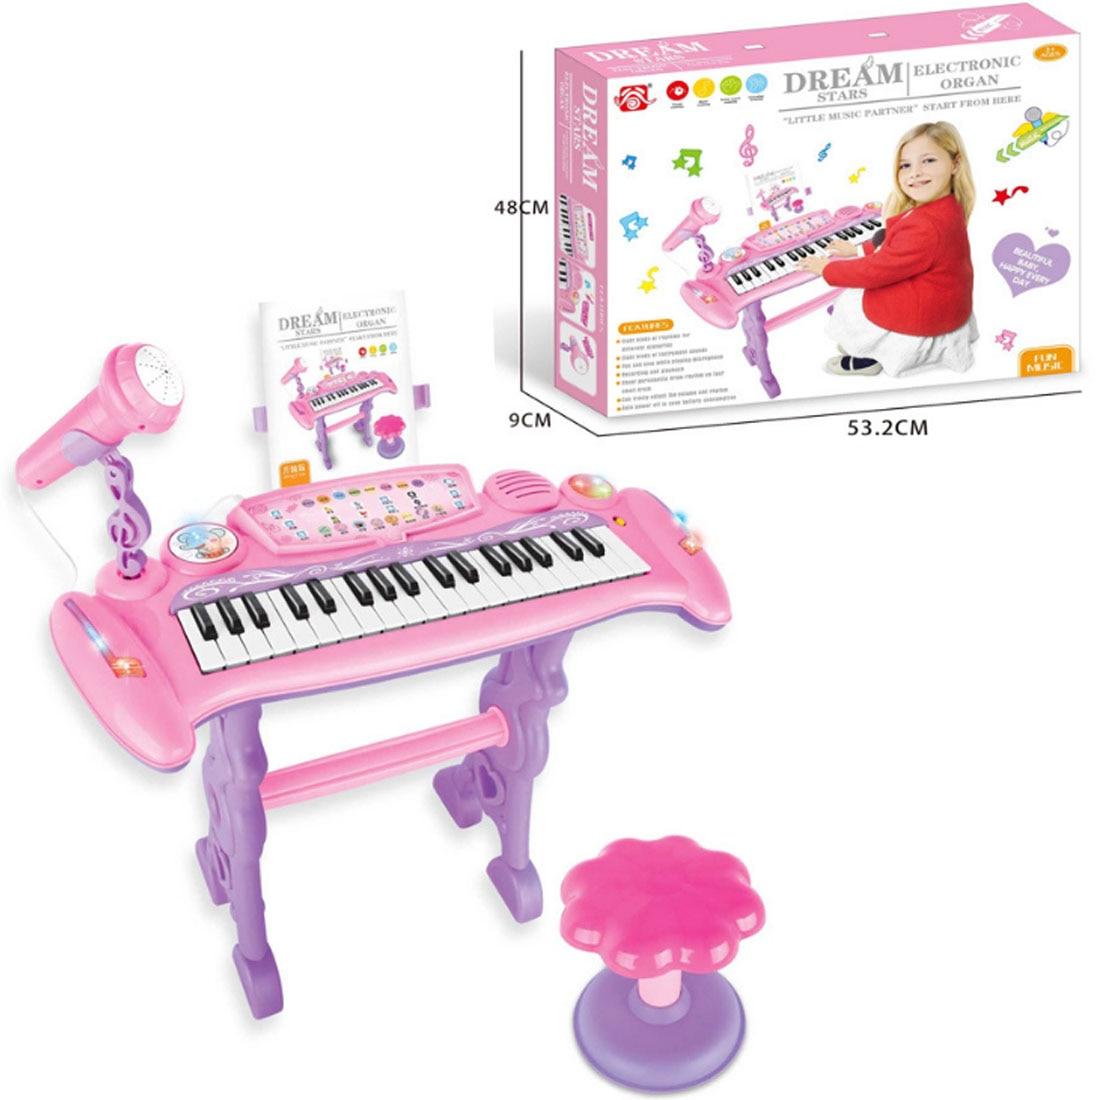 Juguete Musical Chargable para niños 37 teclas de órgano electrónico con micrófono y taburete para niñas juguetes de educación temprana para niños - 6